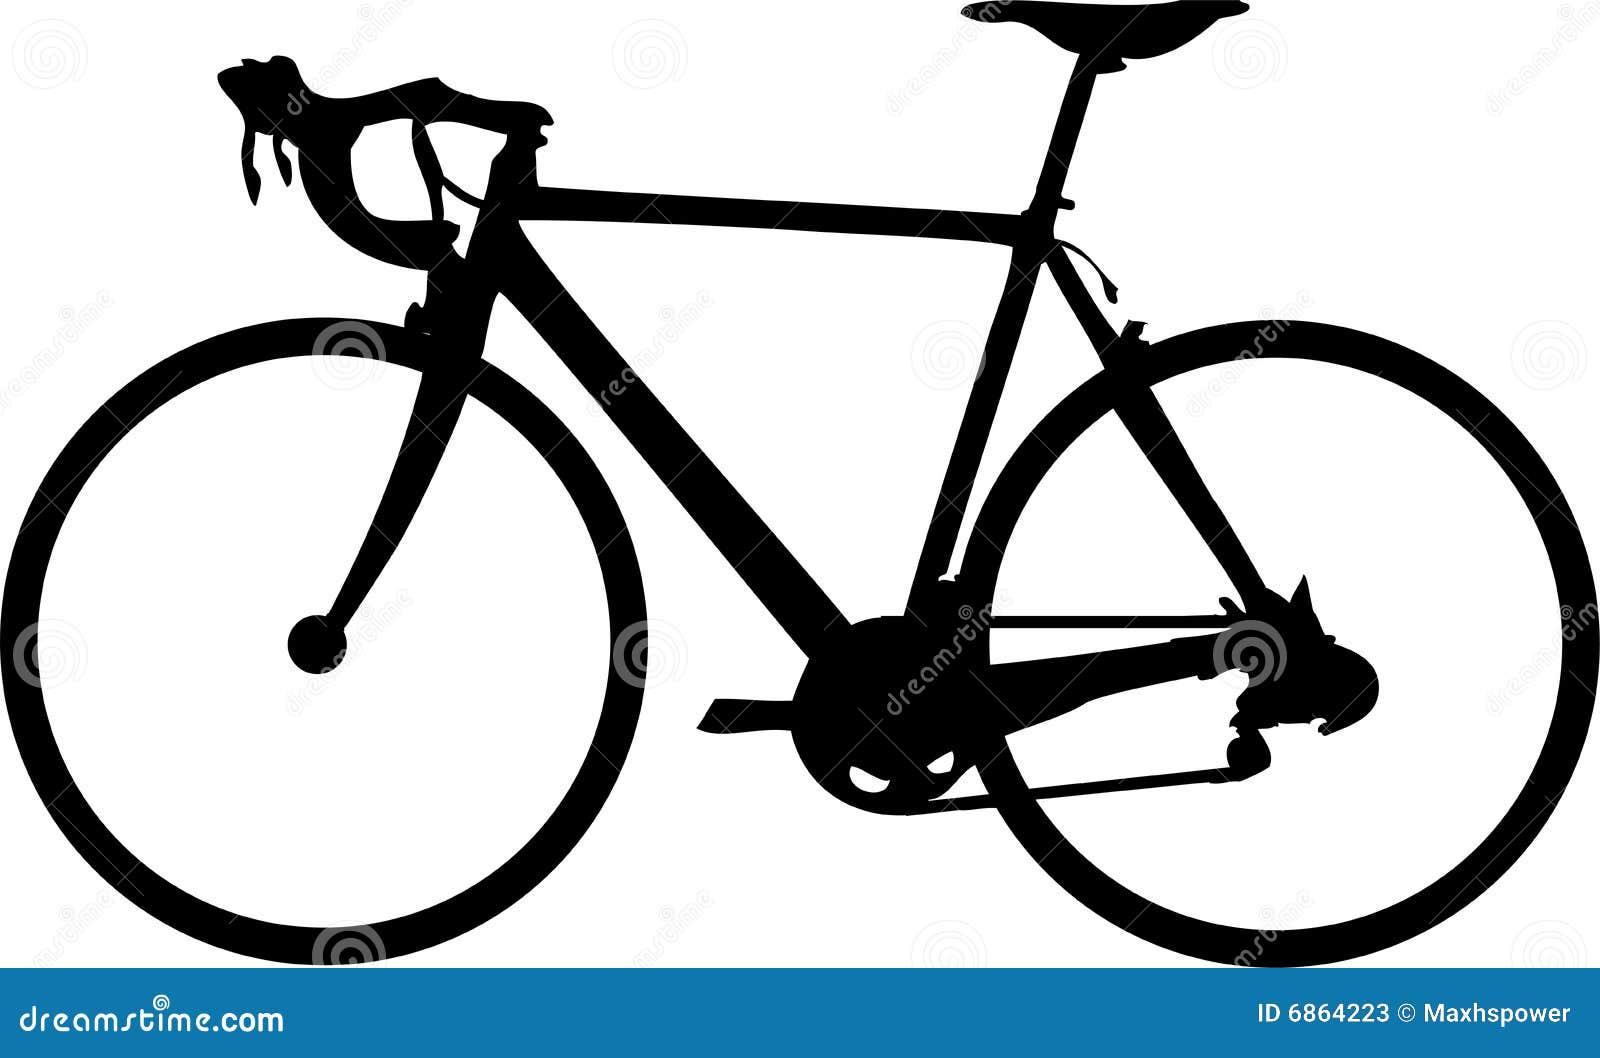 участвовать в гонке bike